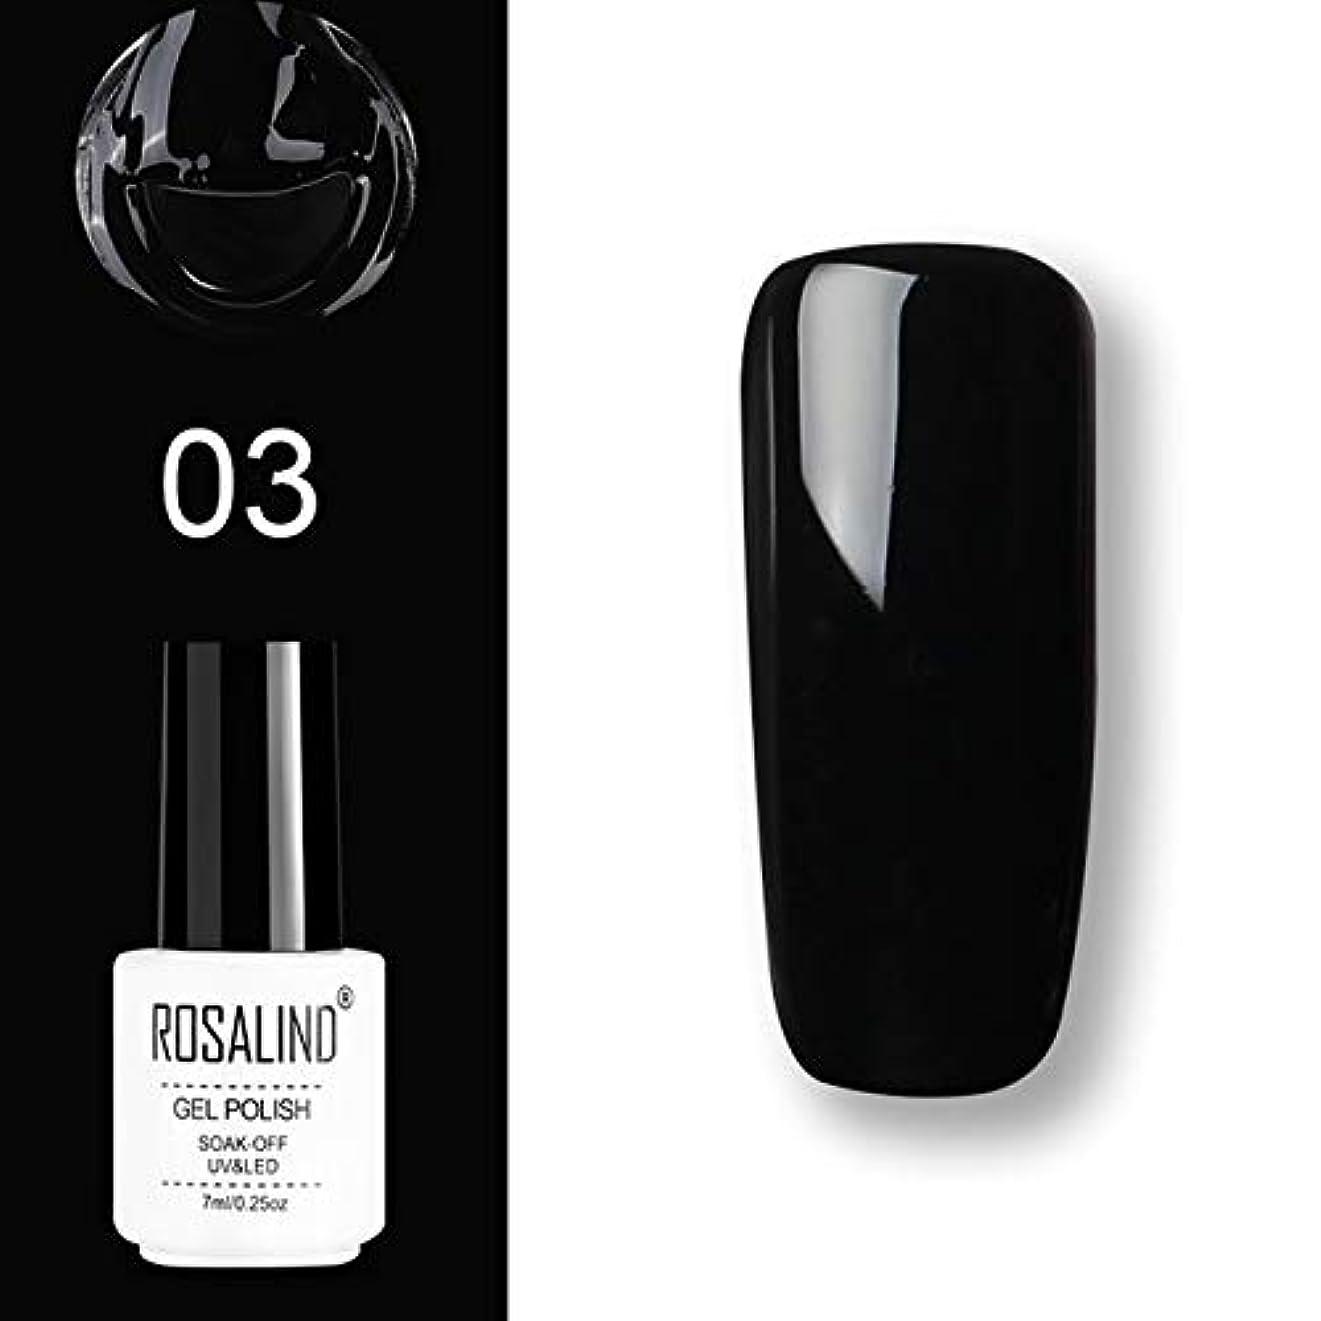 ファッションアイテム ROSALINDジェルポリッシュセットUV半永久プライマートップコートポリジェルニスネイルアートマニキュアジェル、容量:7ml 03ブラック 環境に優しいマニキュア